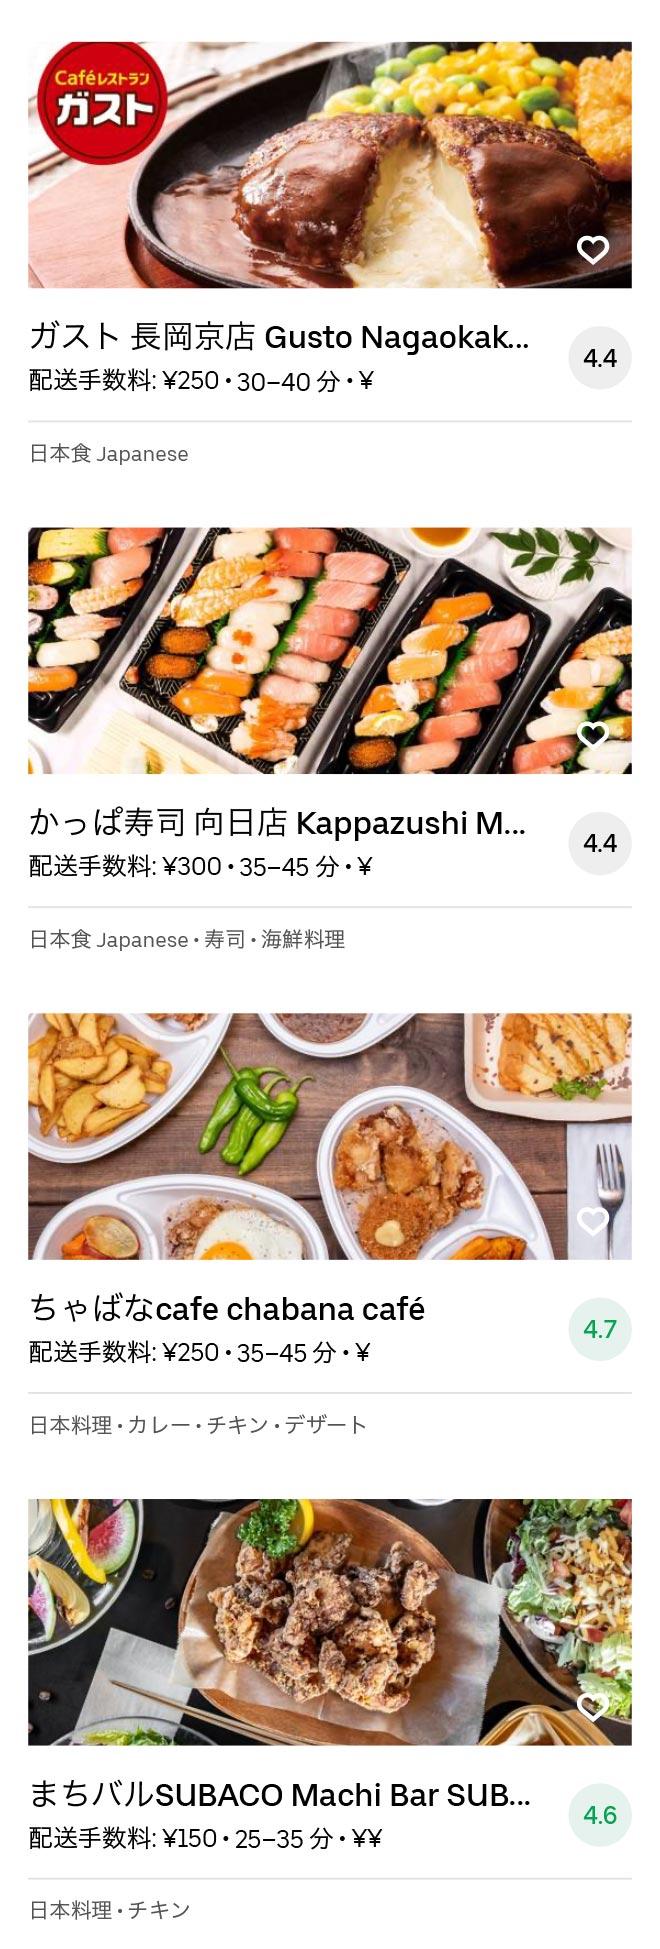 Nagaokakyo menu 2008 04